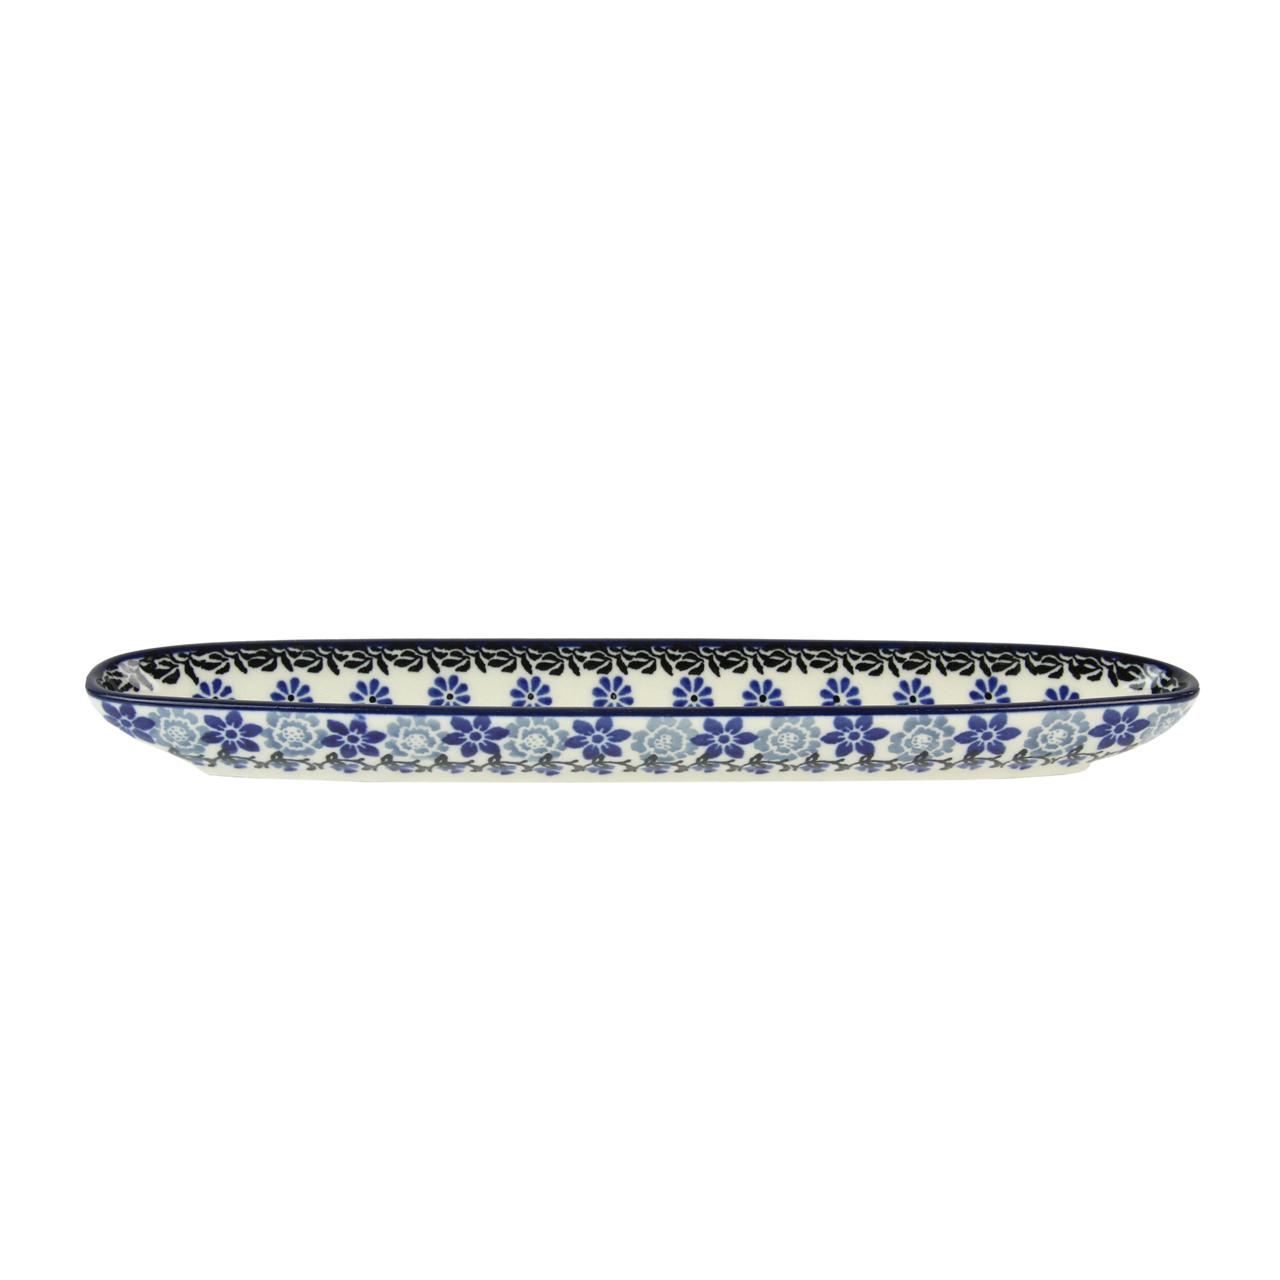 Tava Pentru Masline Cu Flori Din Ceramica 25.5 Cm